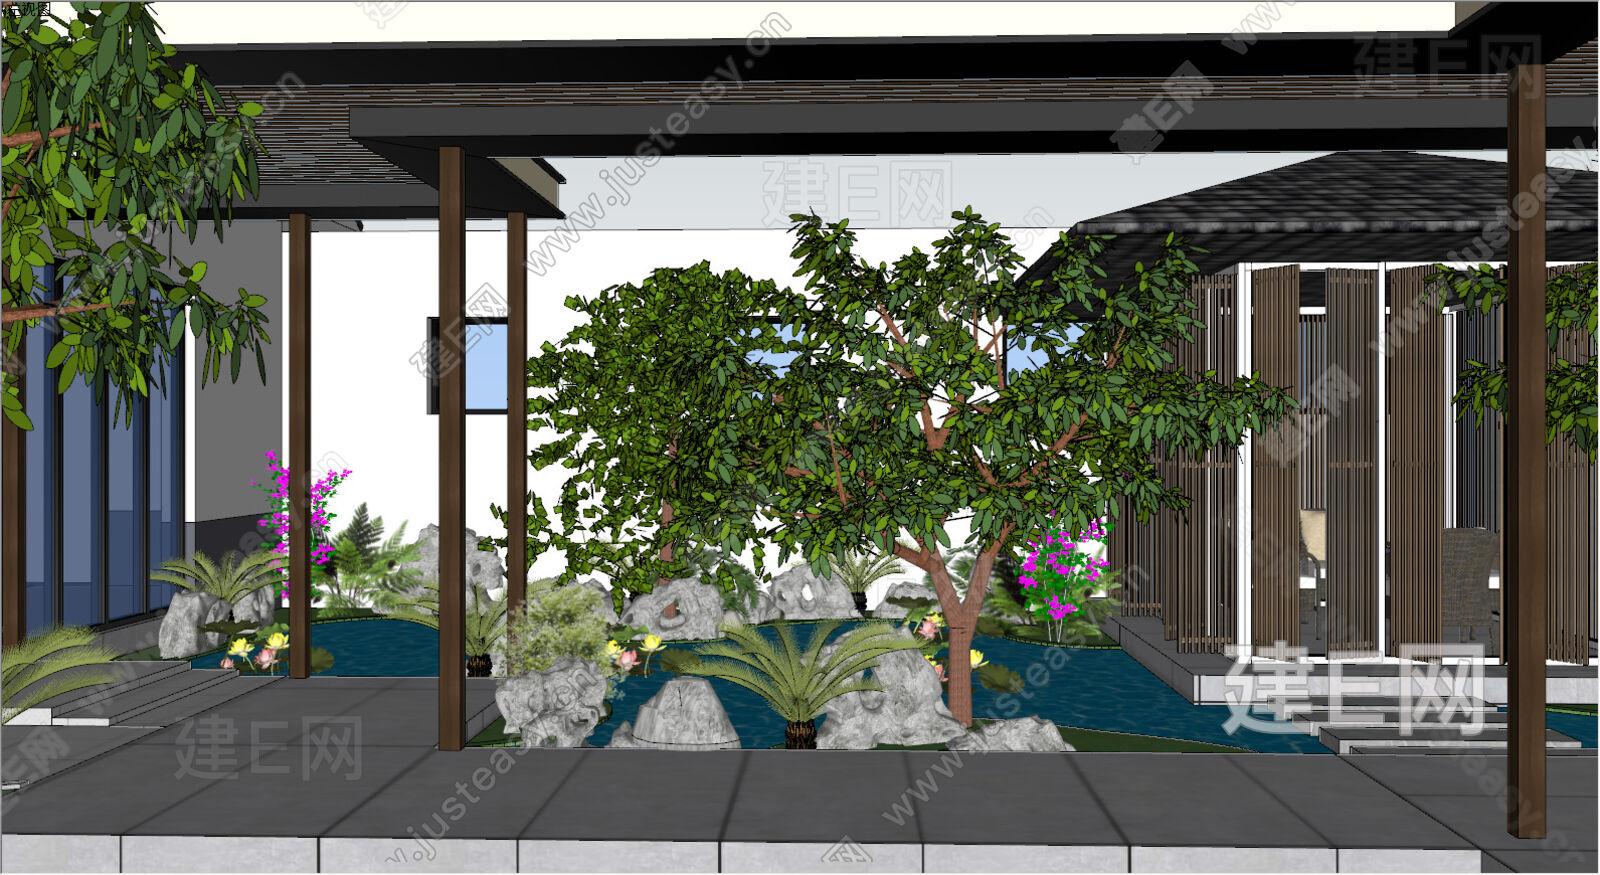 新中式园林庭院景观sketchup模型